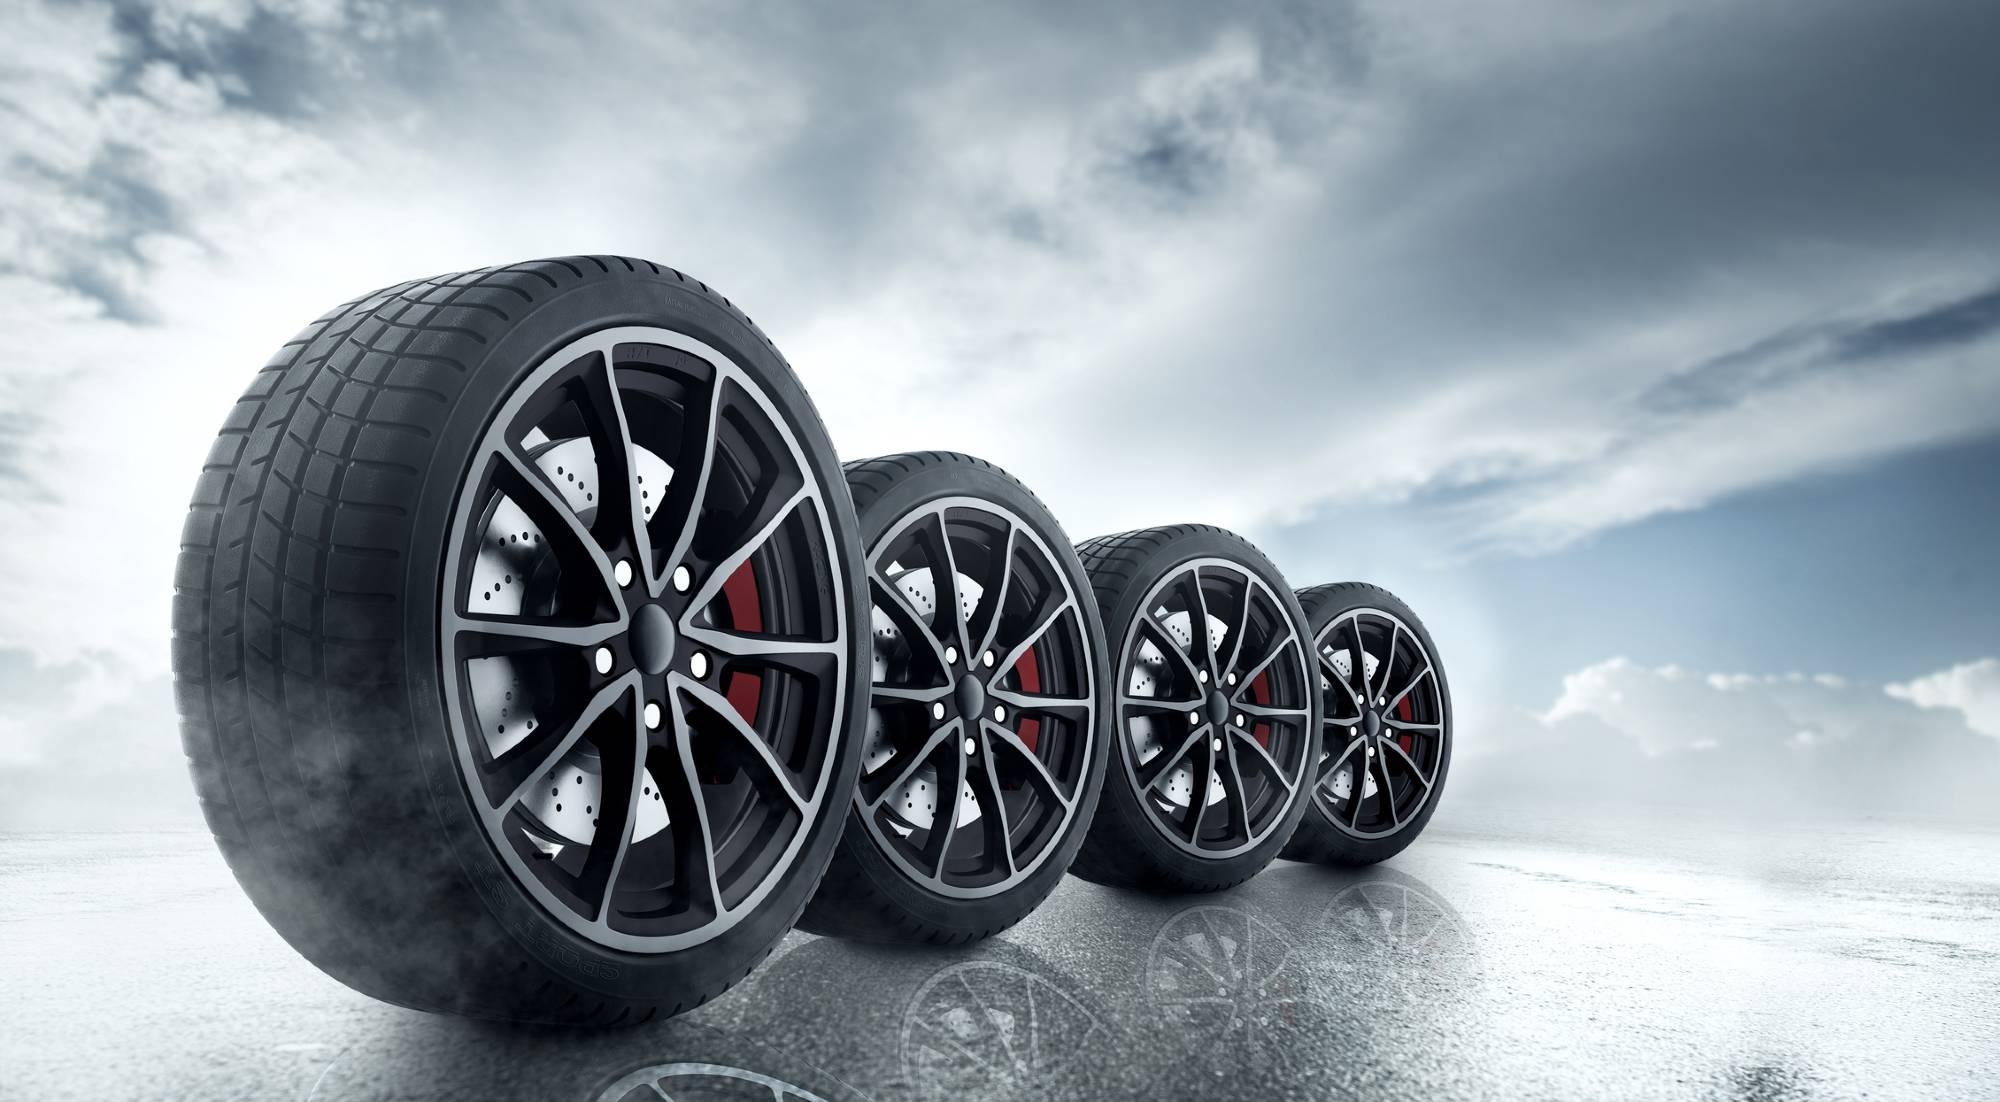 Diez preguntas y respuestas sobre los neumáticos de invierno | Conducir | Motor EL PAÍS